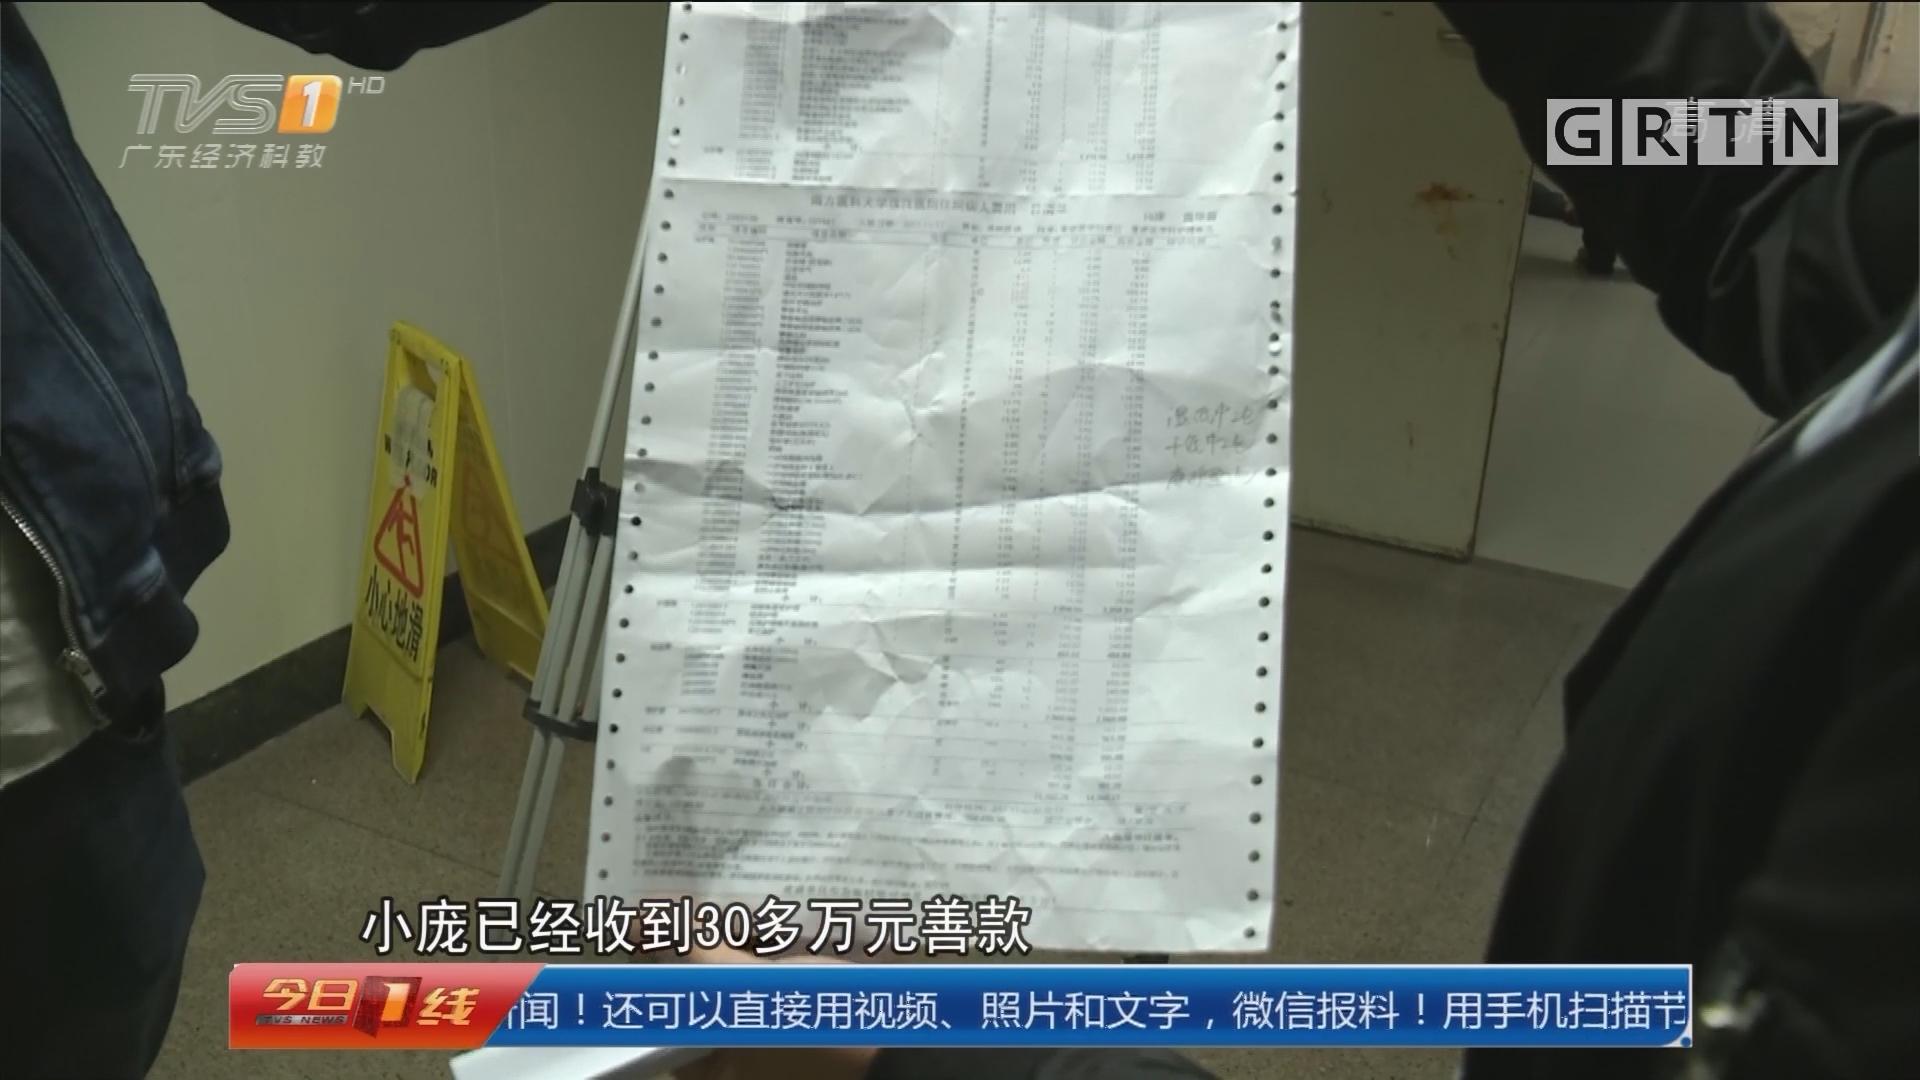 广州:昔日英雄久卧病榻 急需救助